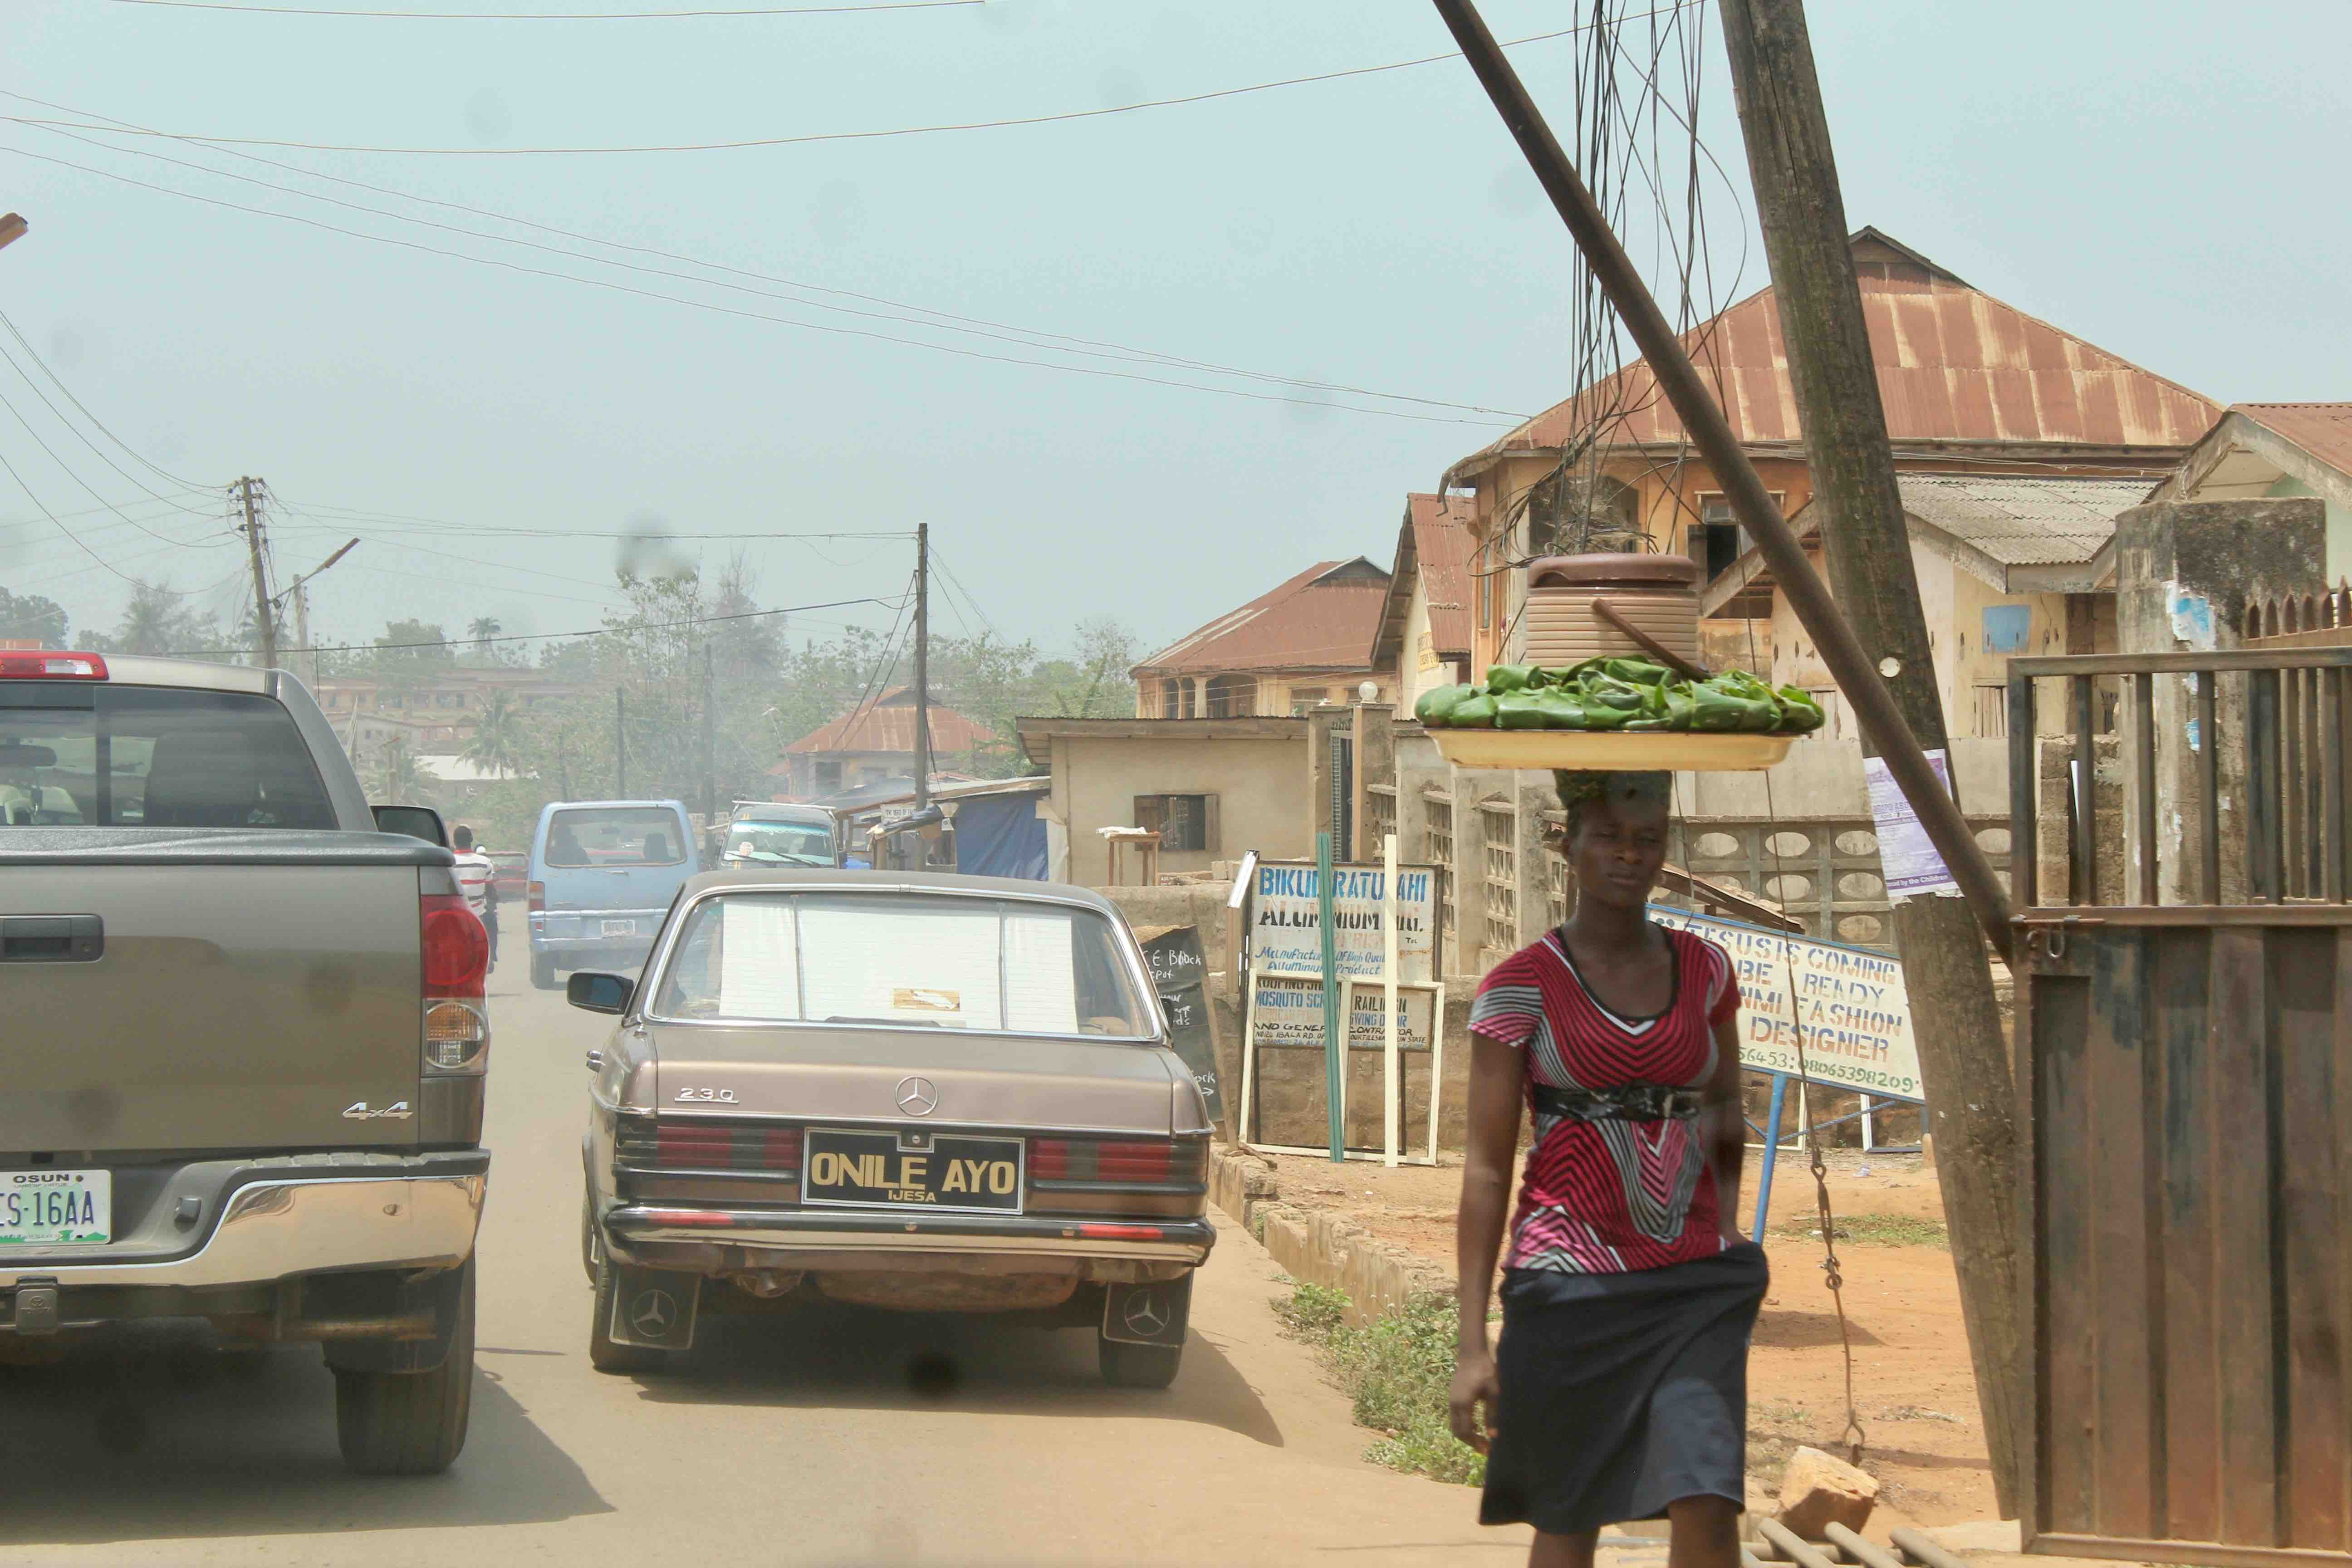 Woman street hawking eko in Ilesa, Osun State, Nigeria. #JujuFilms